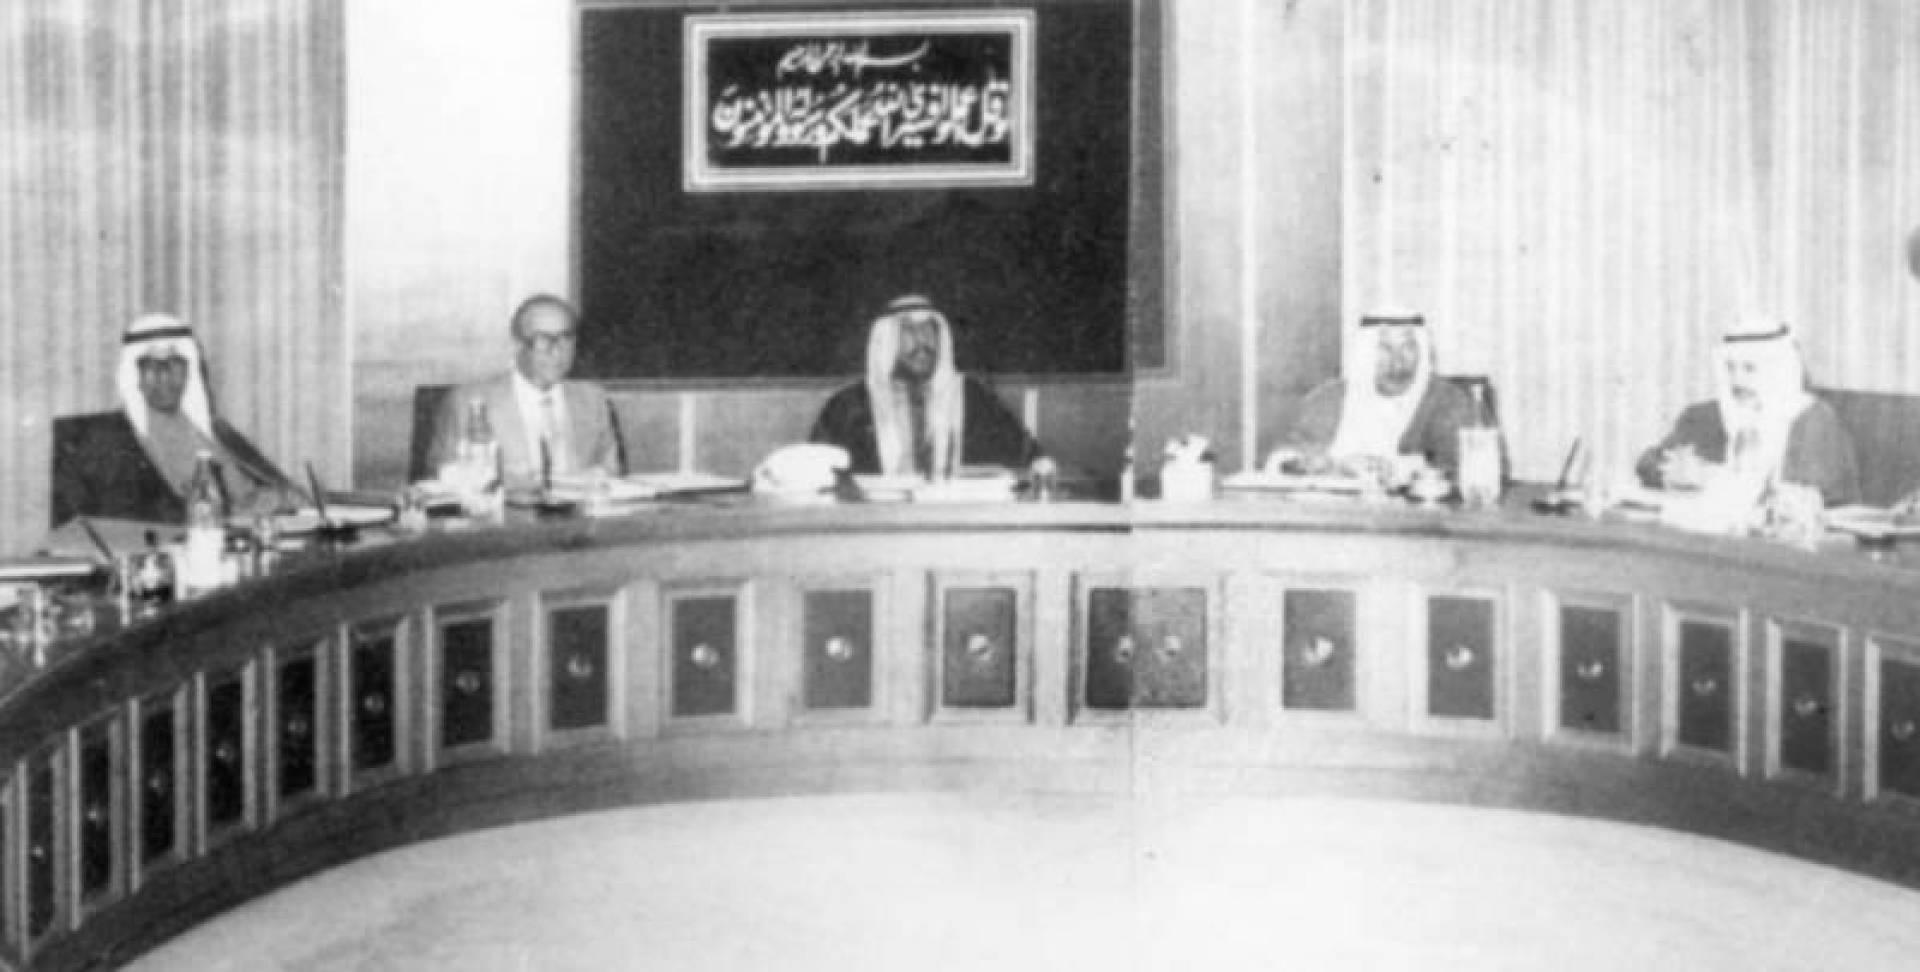 1972  في جلسة مجلس الوزراء: إرسال 4 ضباط كويتيين للإشراف على عملية السلام ووقف القتال بين اليمنَينِ